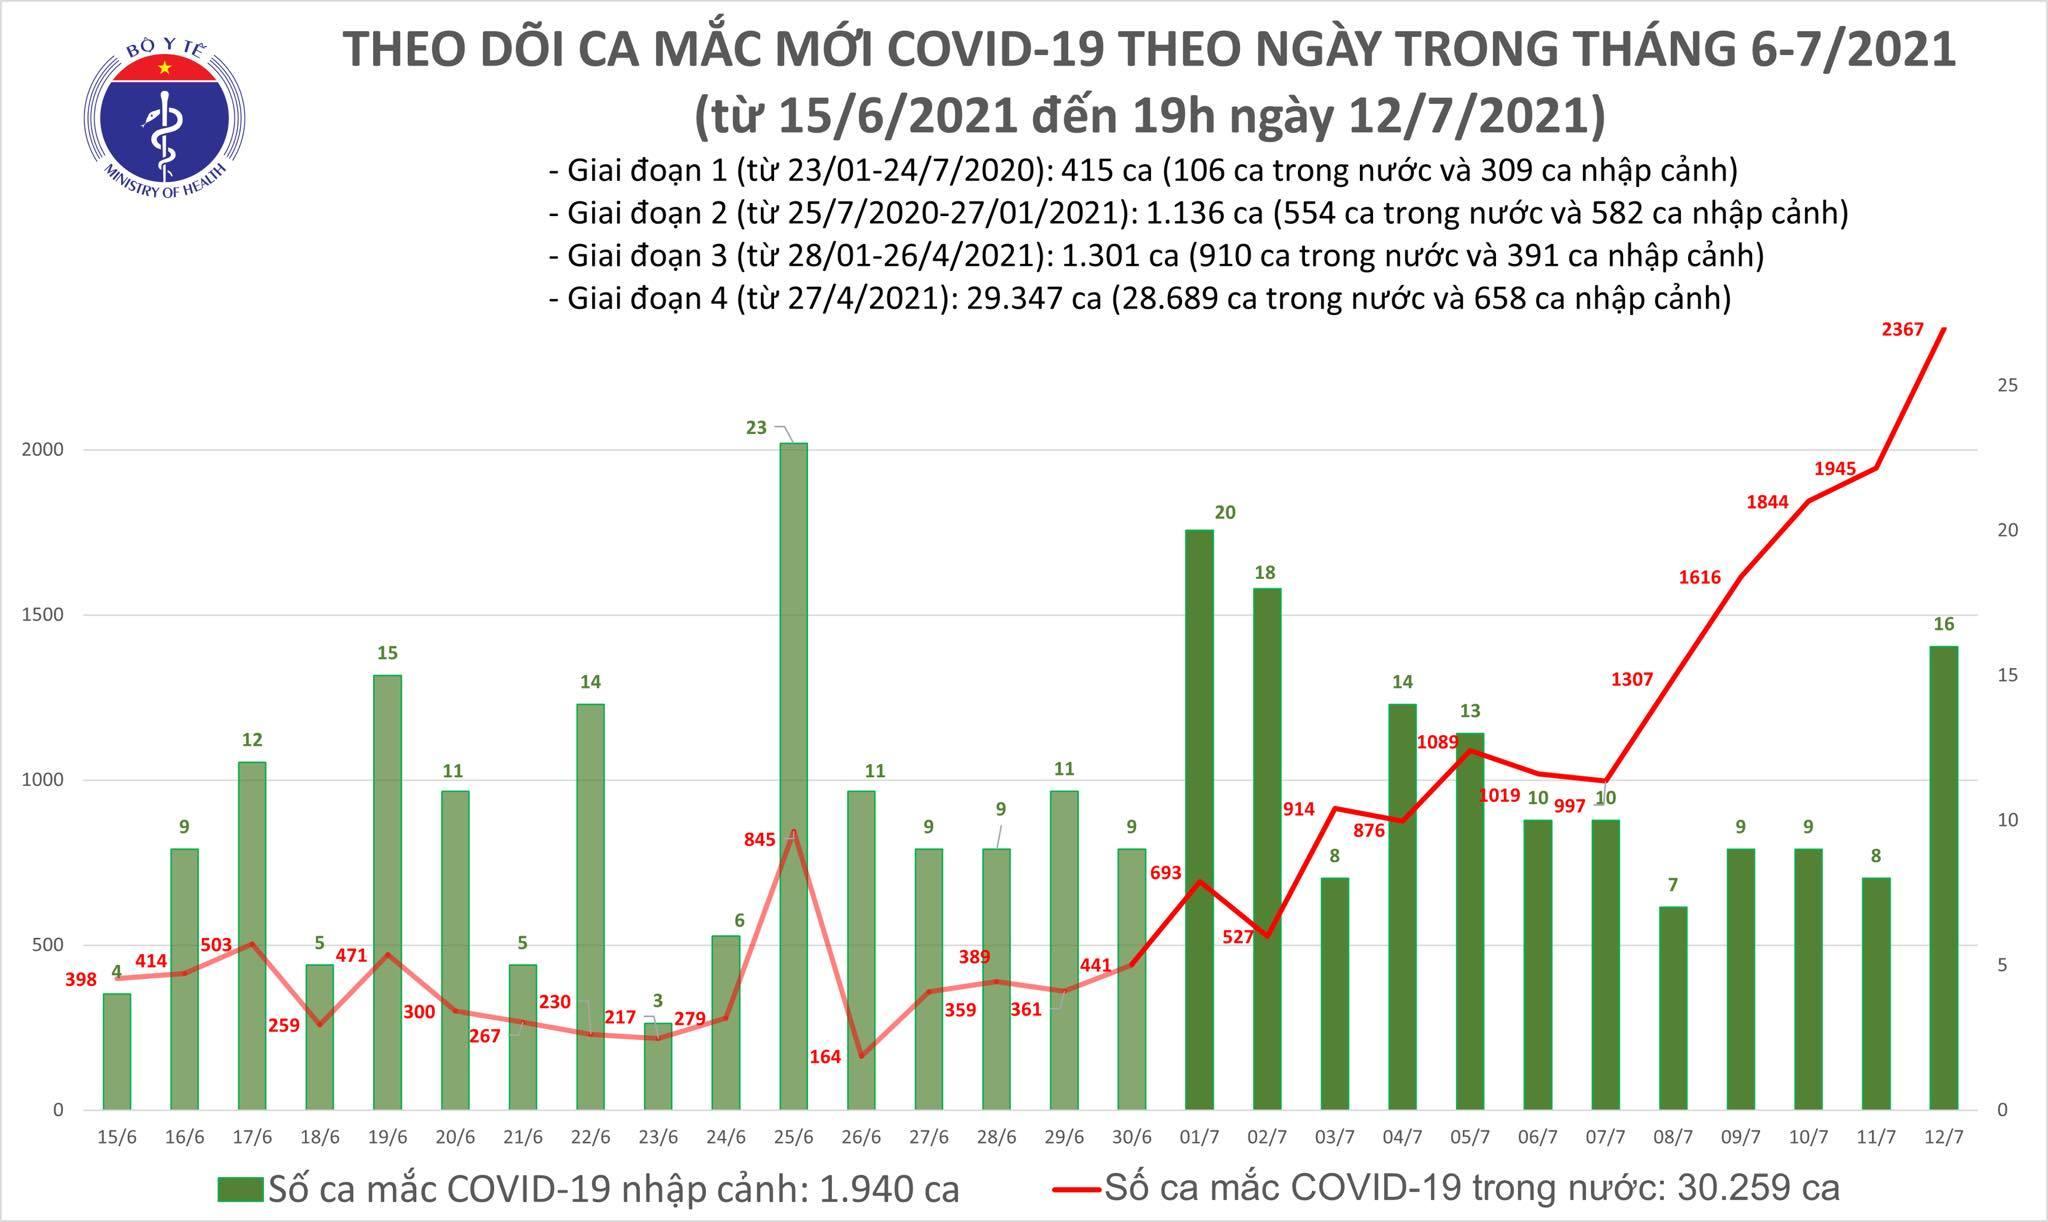 Tối 12/7: Thêm 609 ca mắc COVID-19, nâng tổng số mắc trong ngày lên 2.383 ca